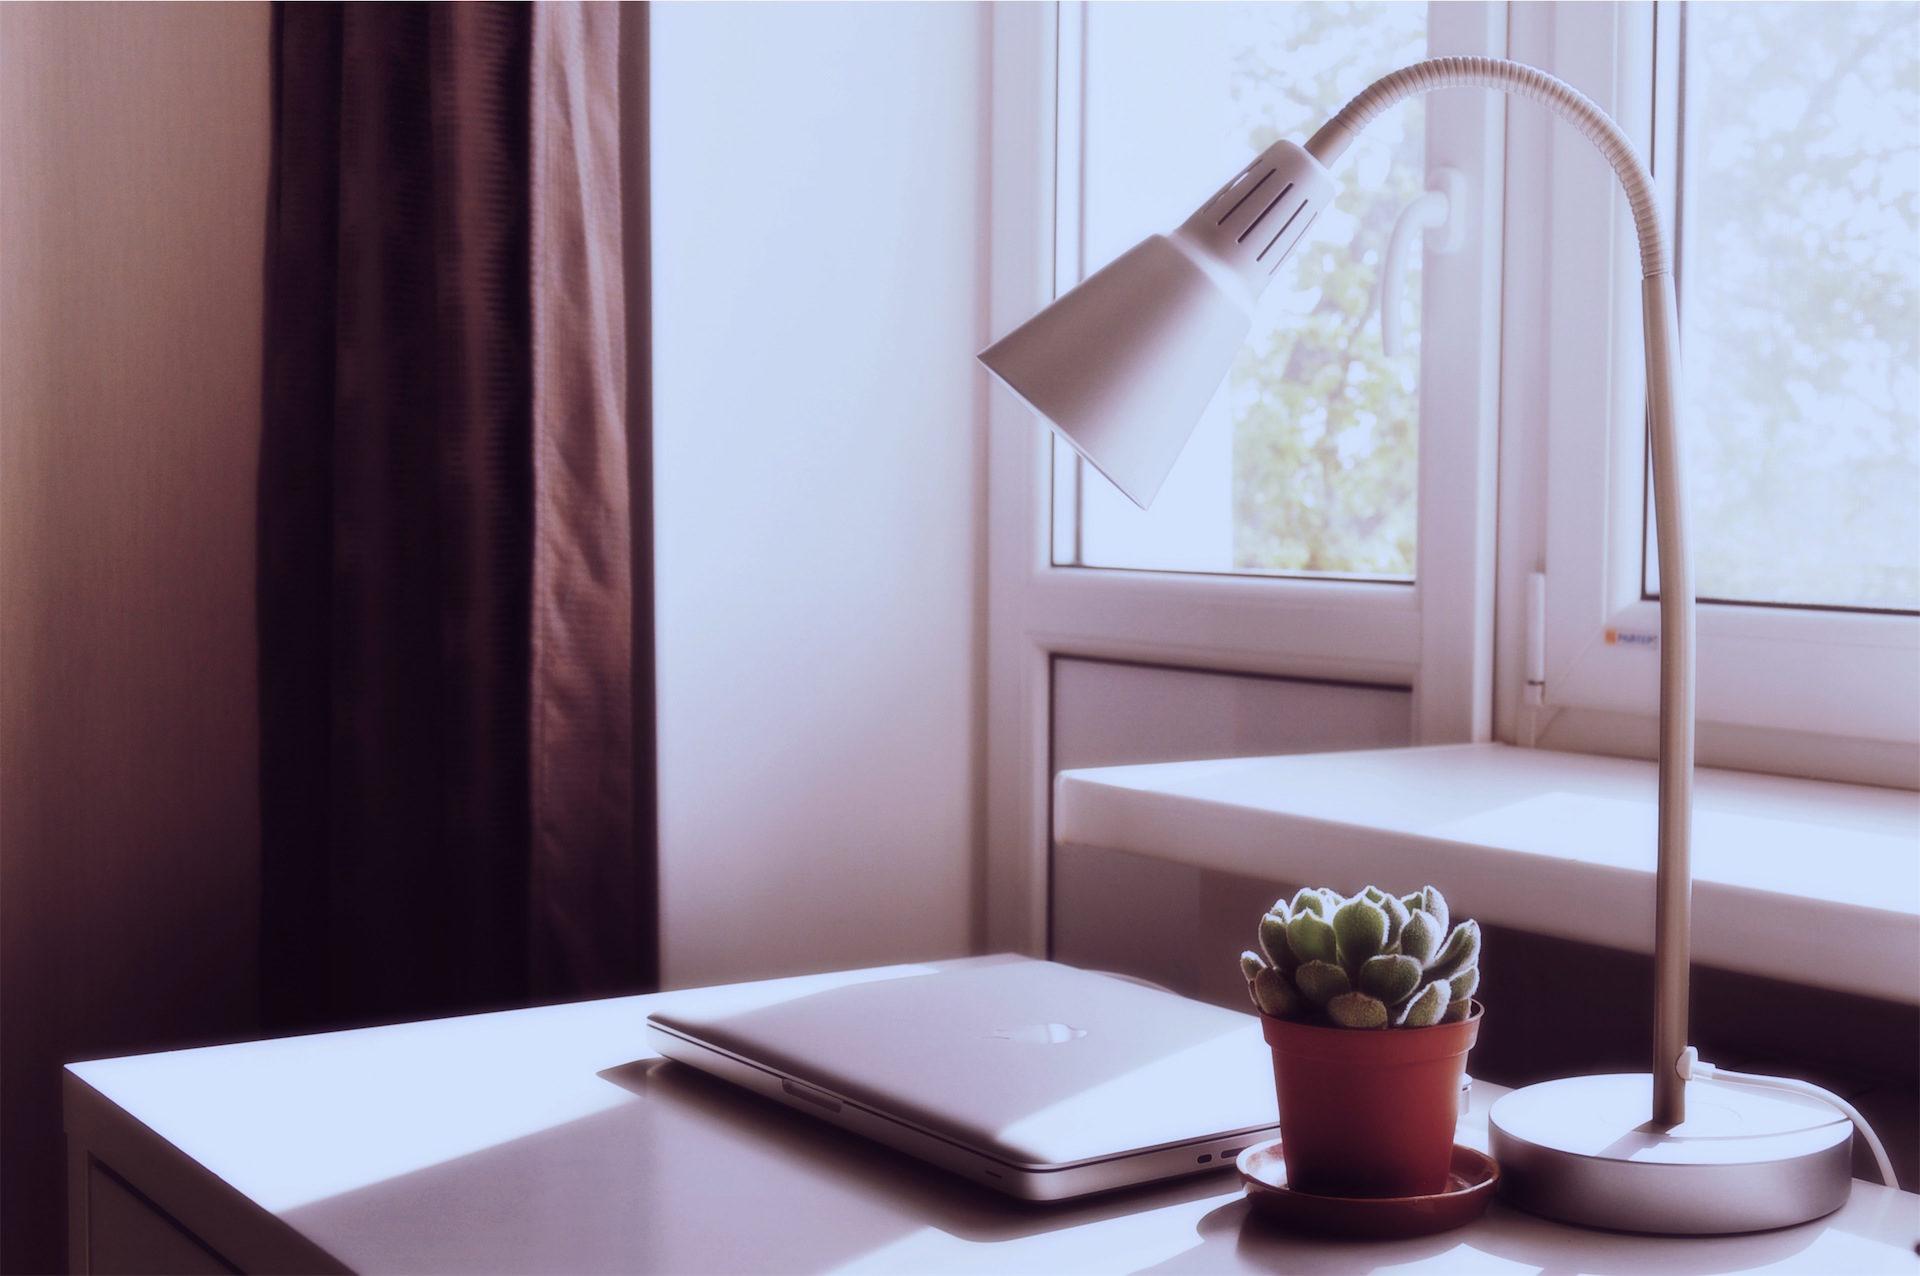 лампа, Кактус, компьютер, Таблица, Рабочий стол - Обои HD - Профессор falken.com